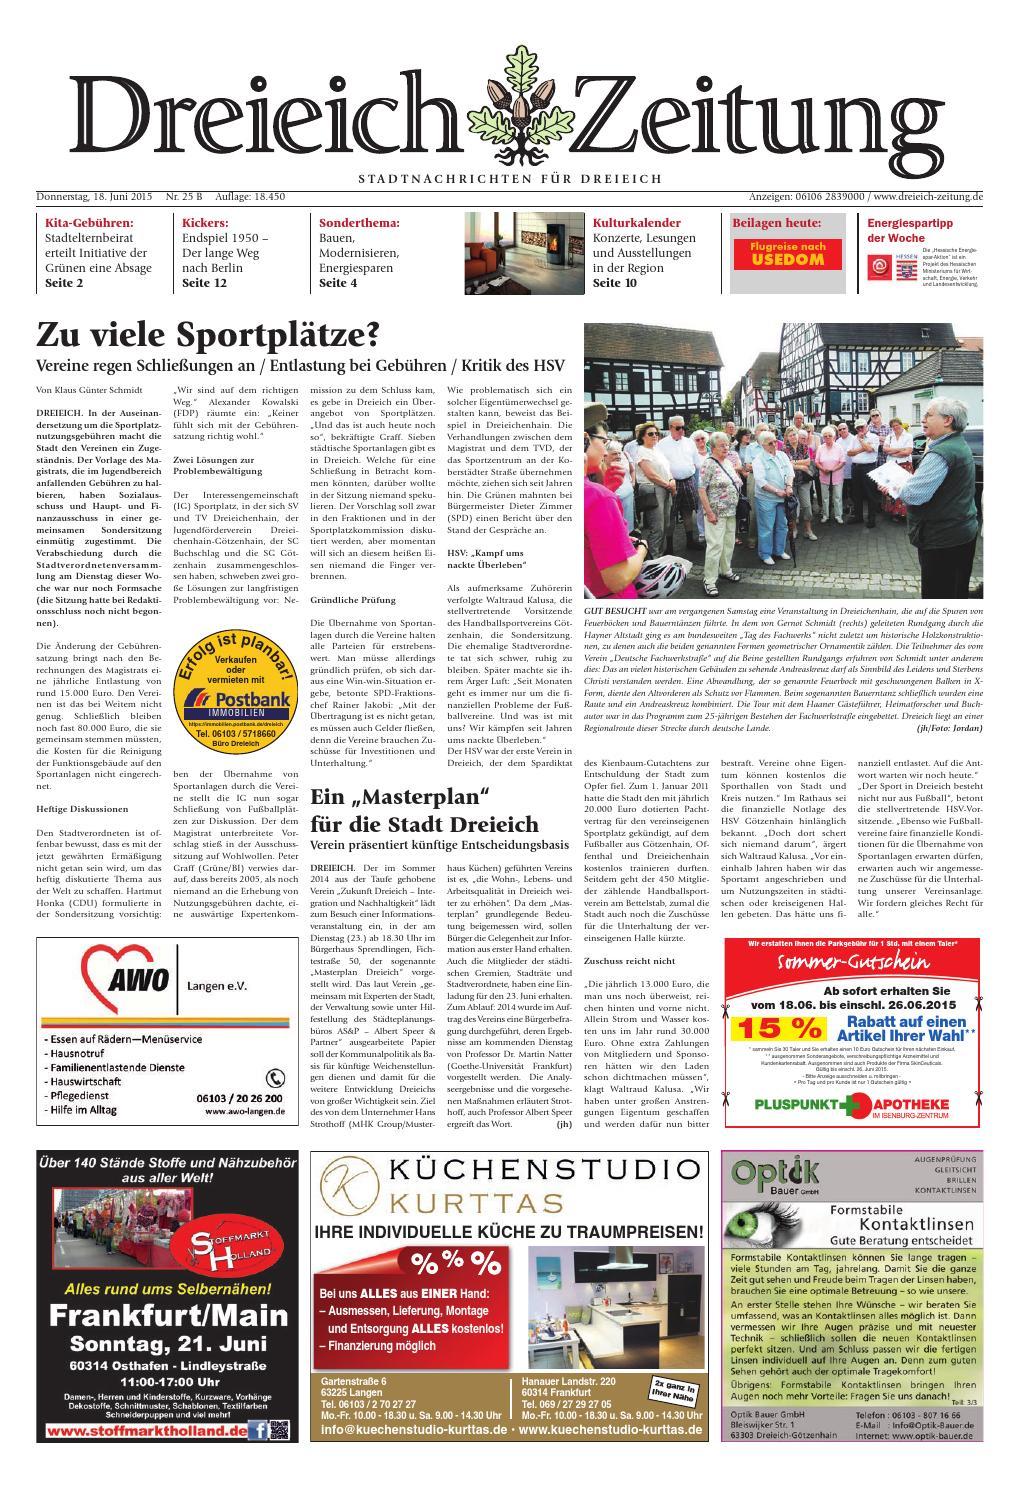 Dz online 025 15 b by Dreieich-Zeitung/Offenbach-Journal - issuu